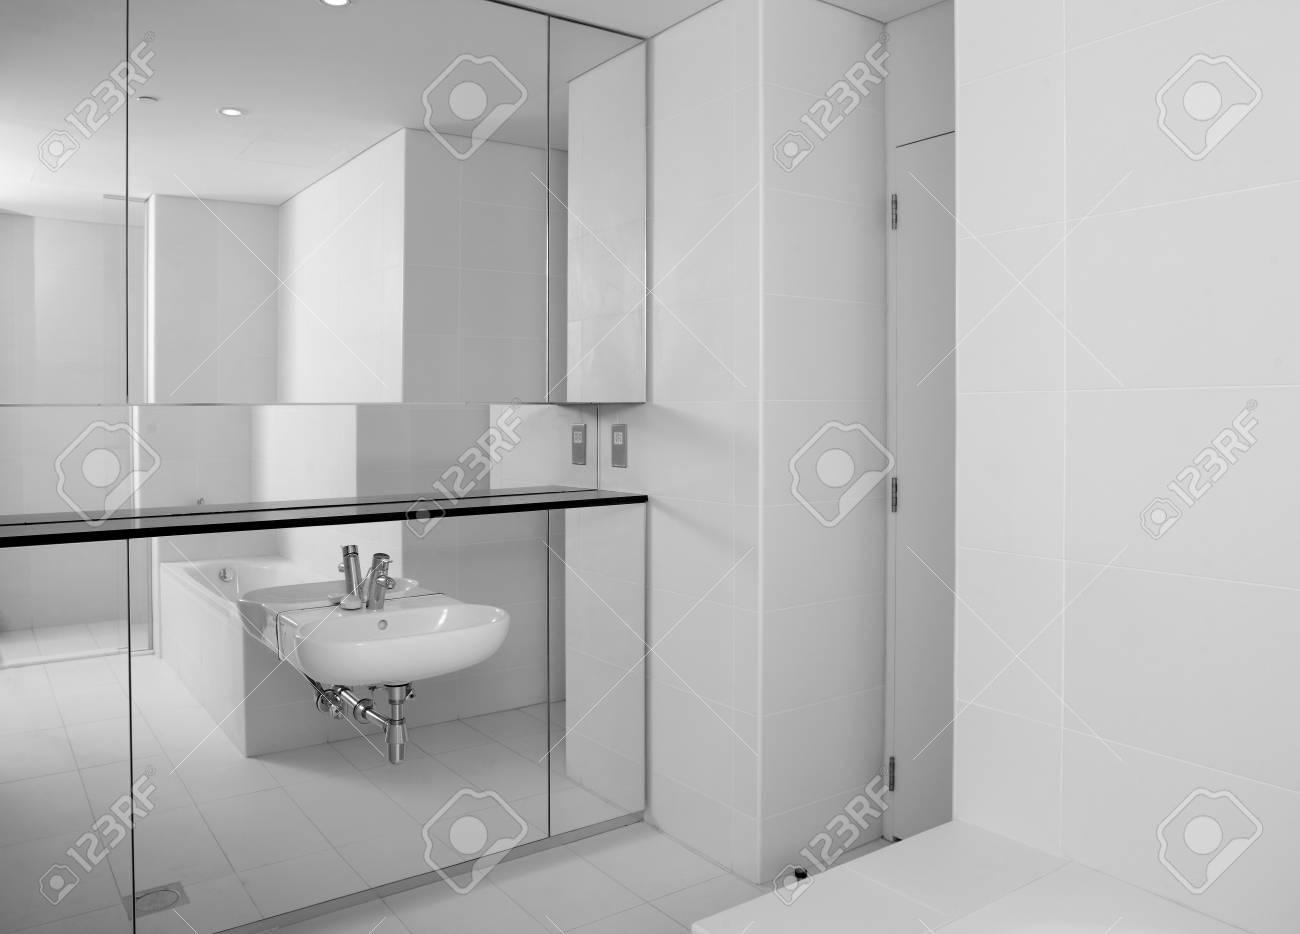 Luxe en zeer schoon toilet in europese stijl royalty vrije foto